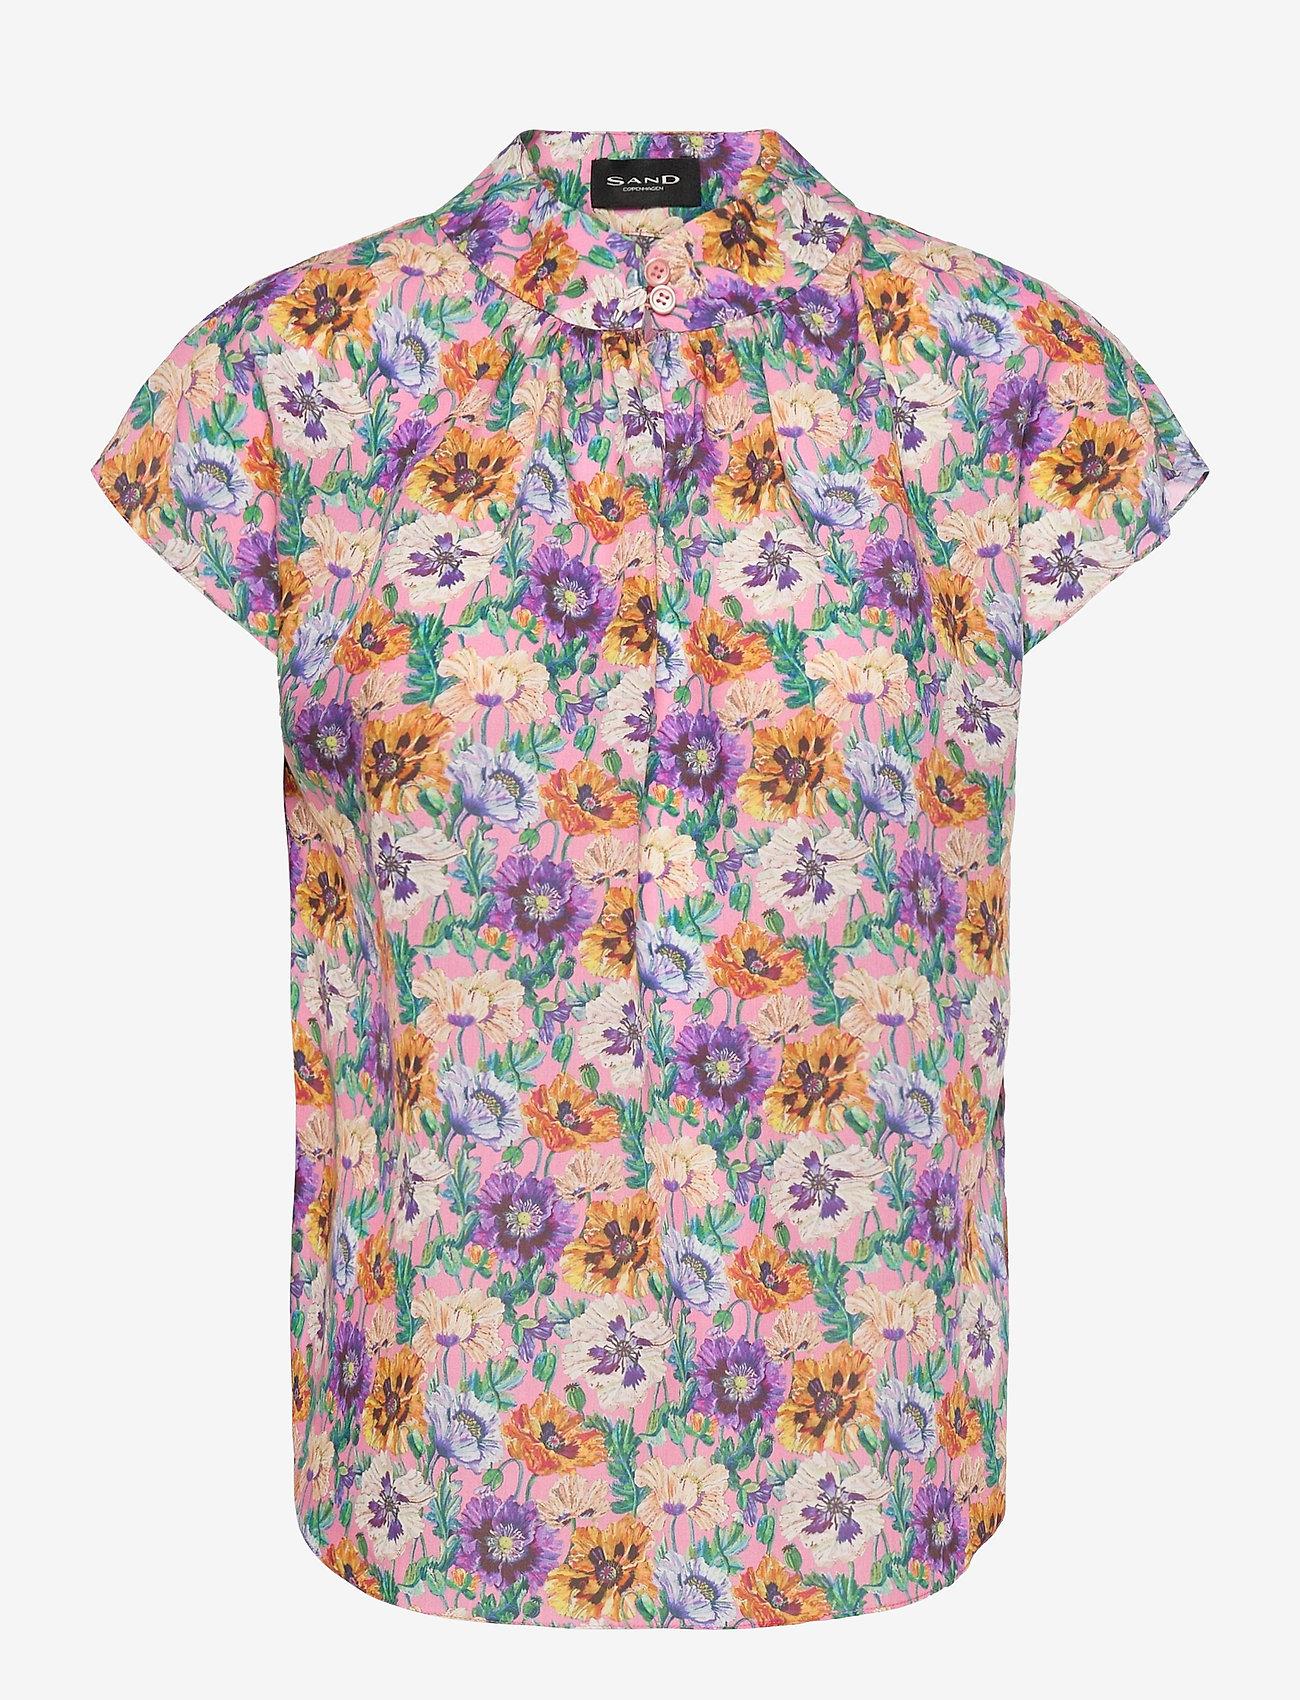 SAND - 3419 - Prosi Top S - blouses met korte mouwen - pink - 0